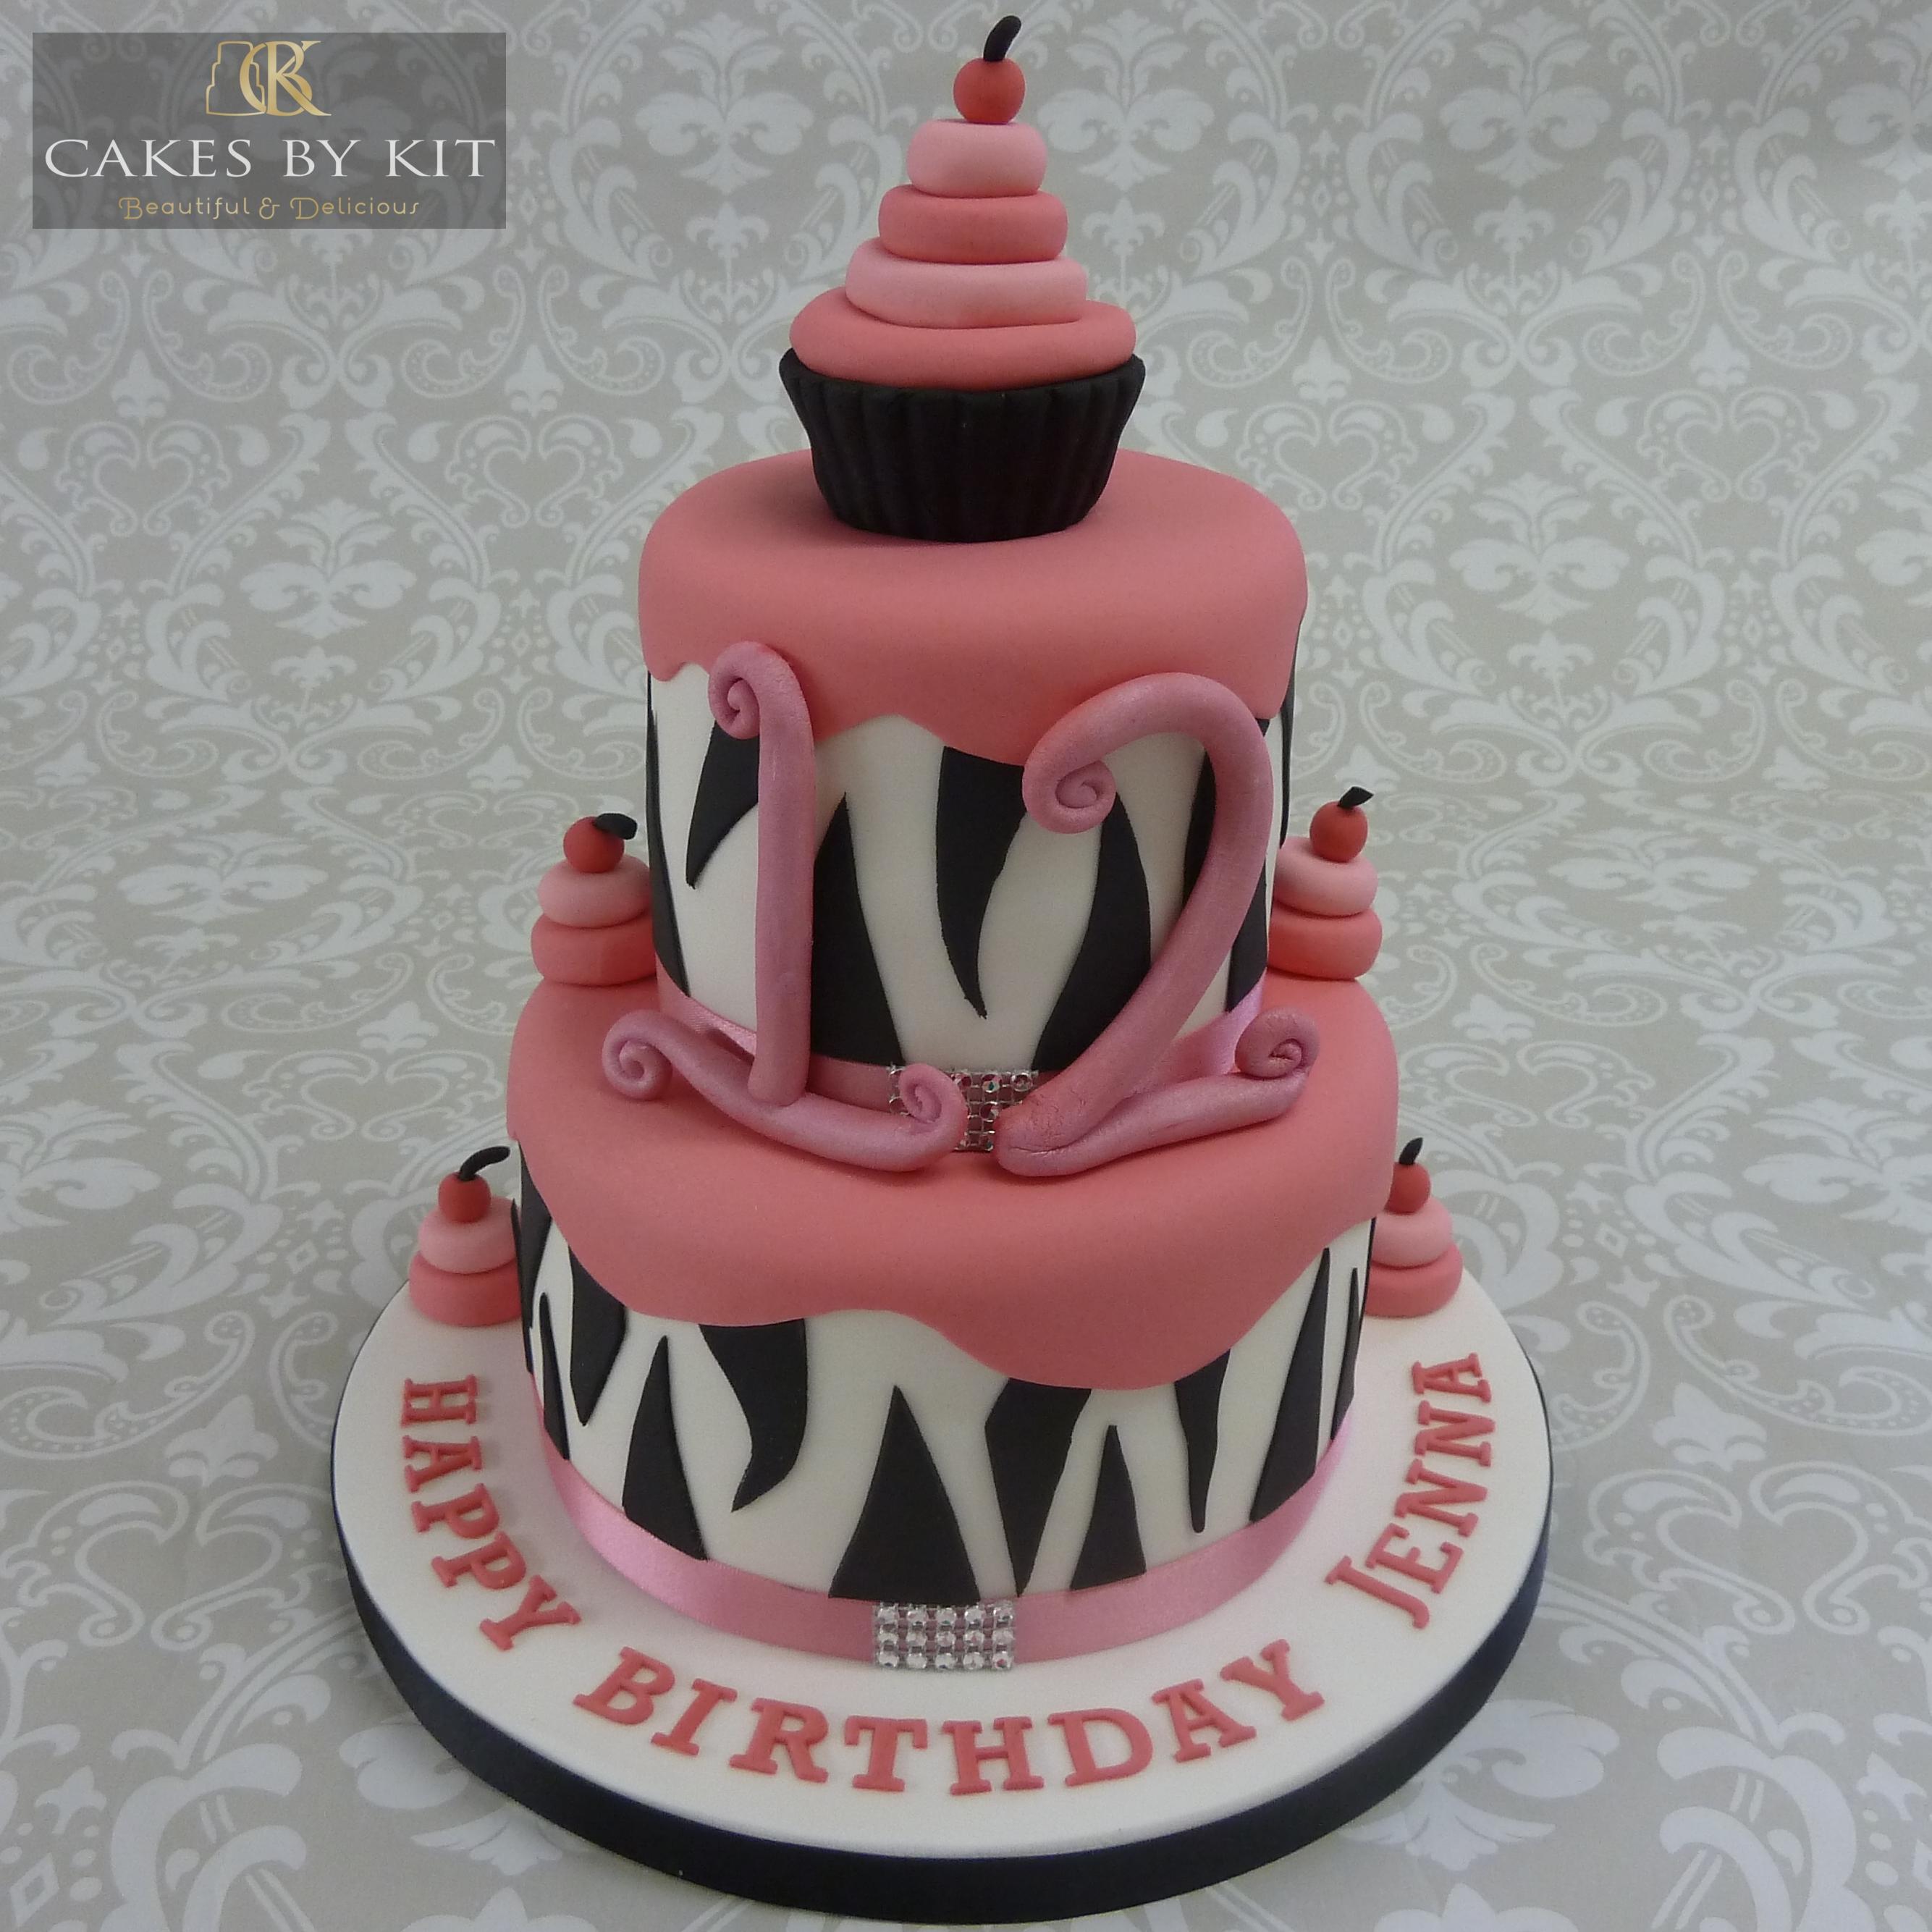 9 12th Birthday Cakes For Matthew Photo Happy Birthday Matt Cake